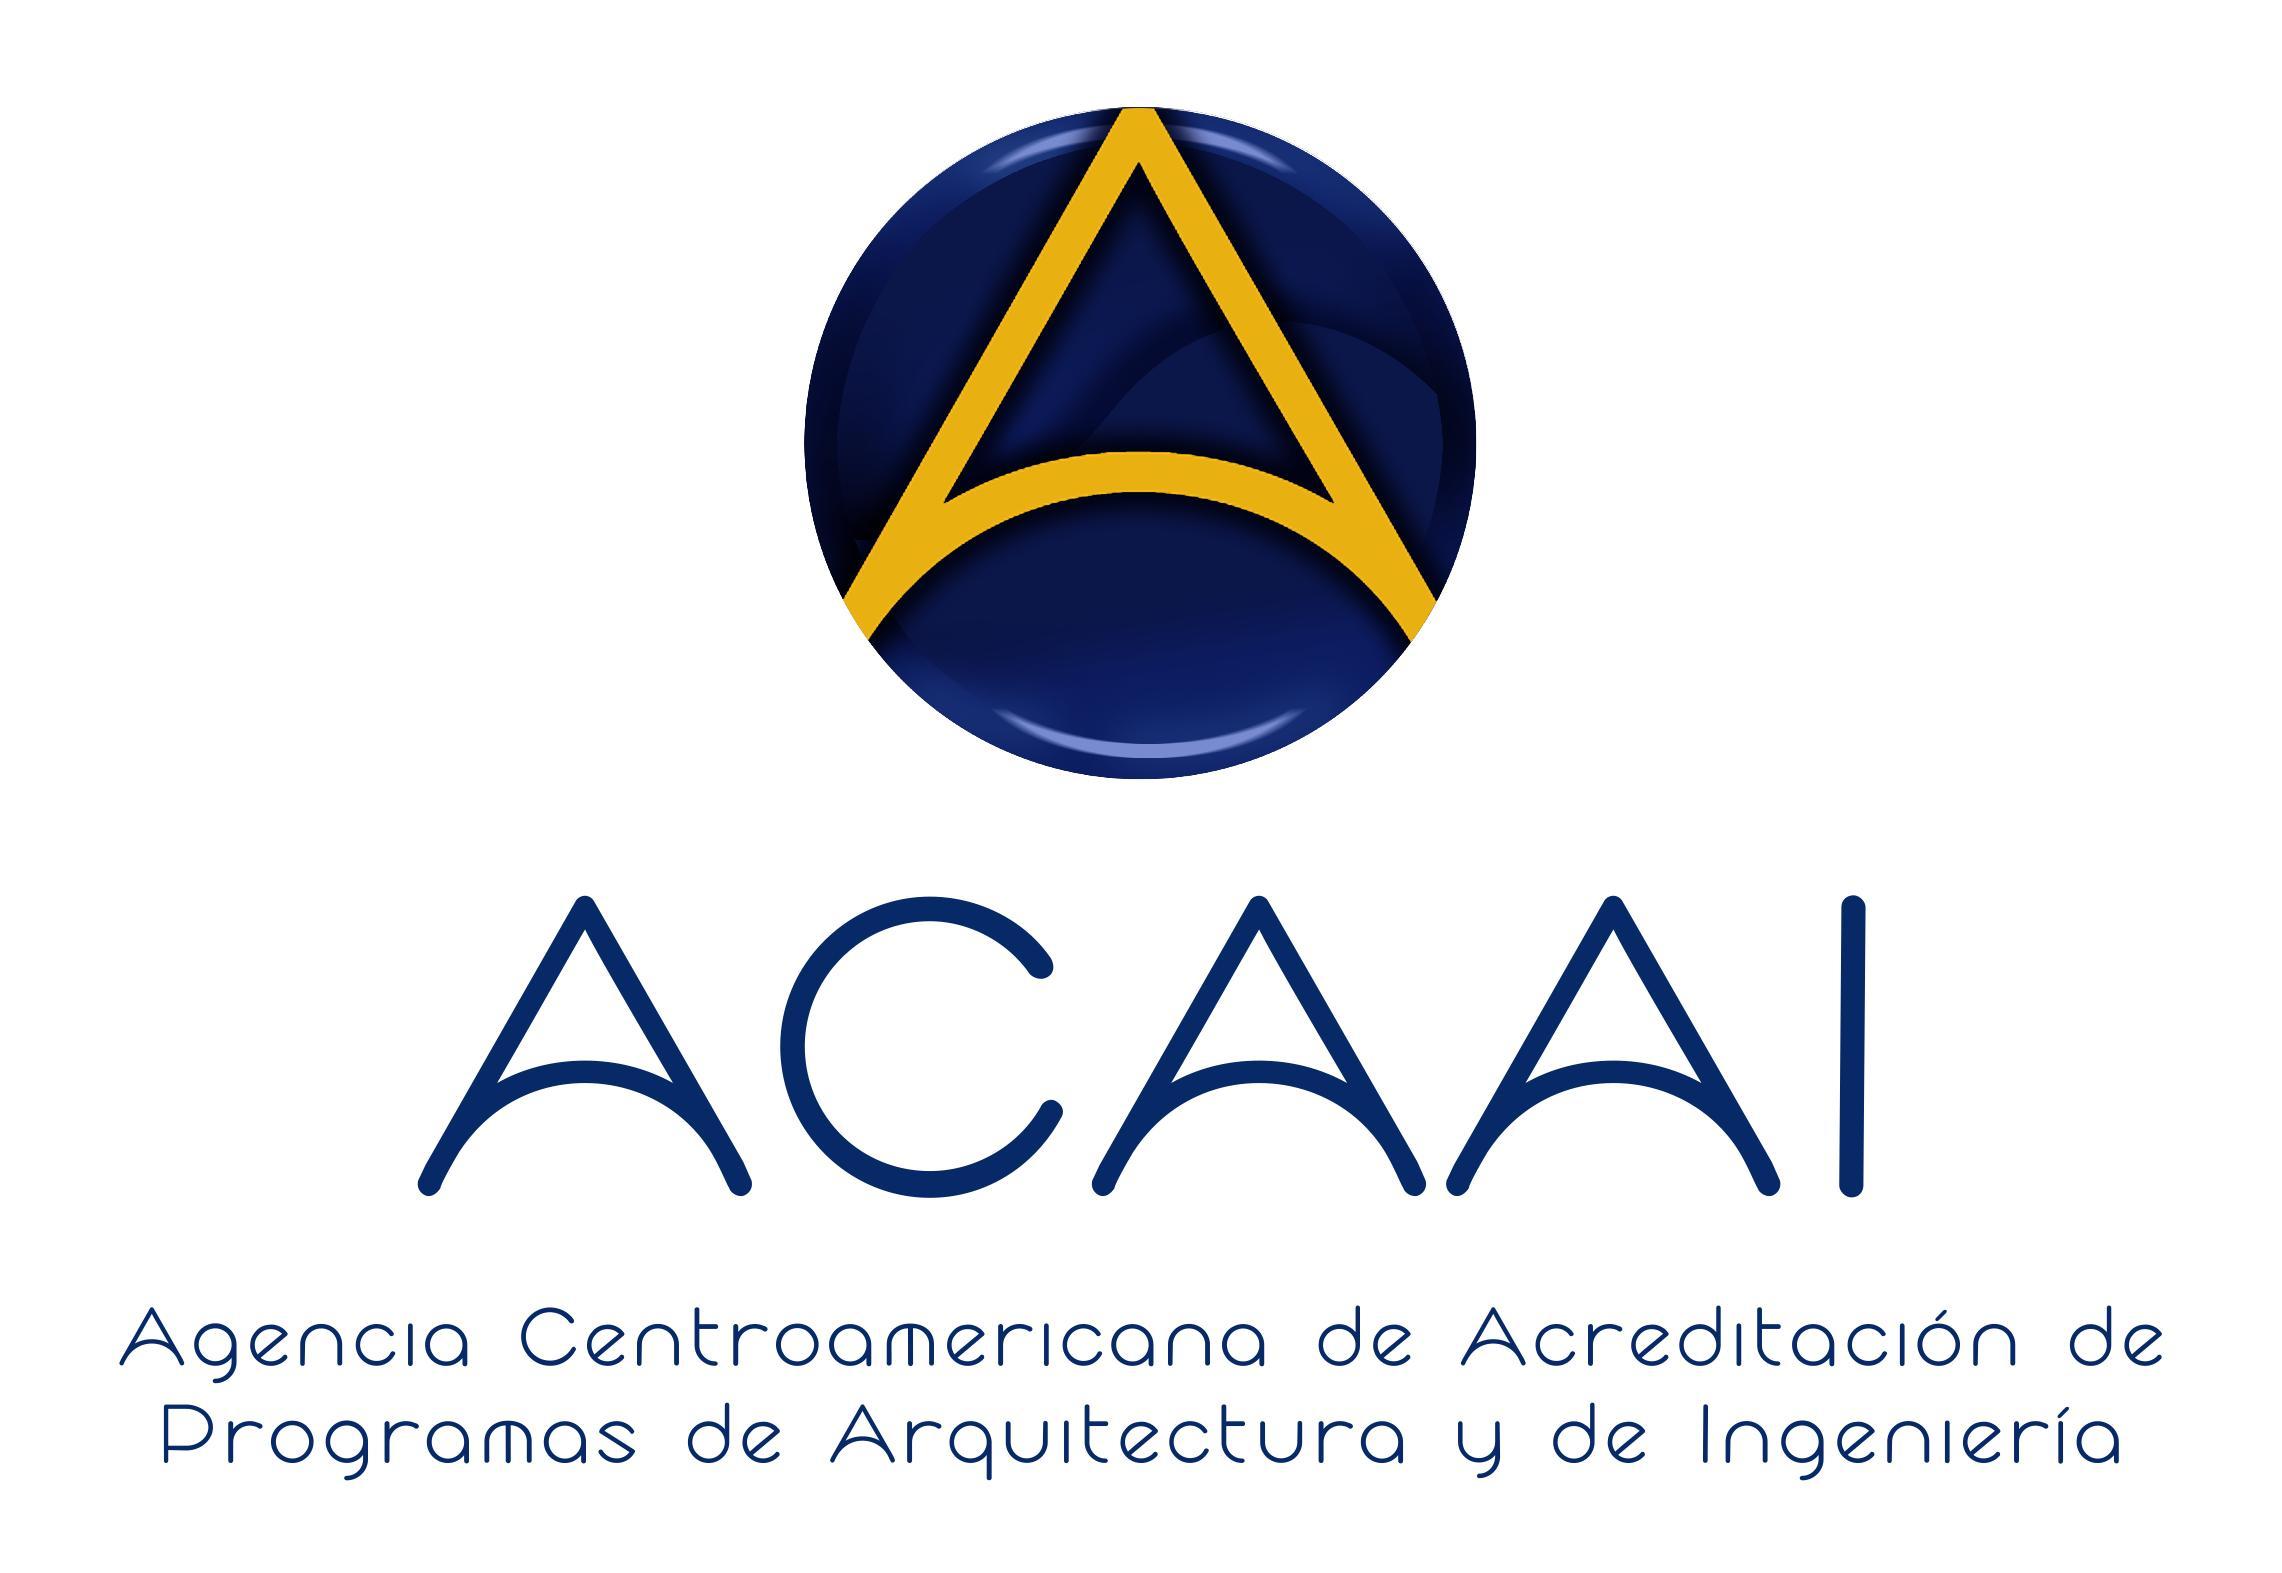 logo for Agencia Centroamericana de Acreditación de Programas de Arquitectura y de Ingenieria